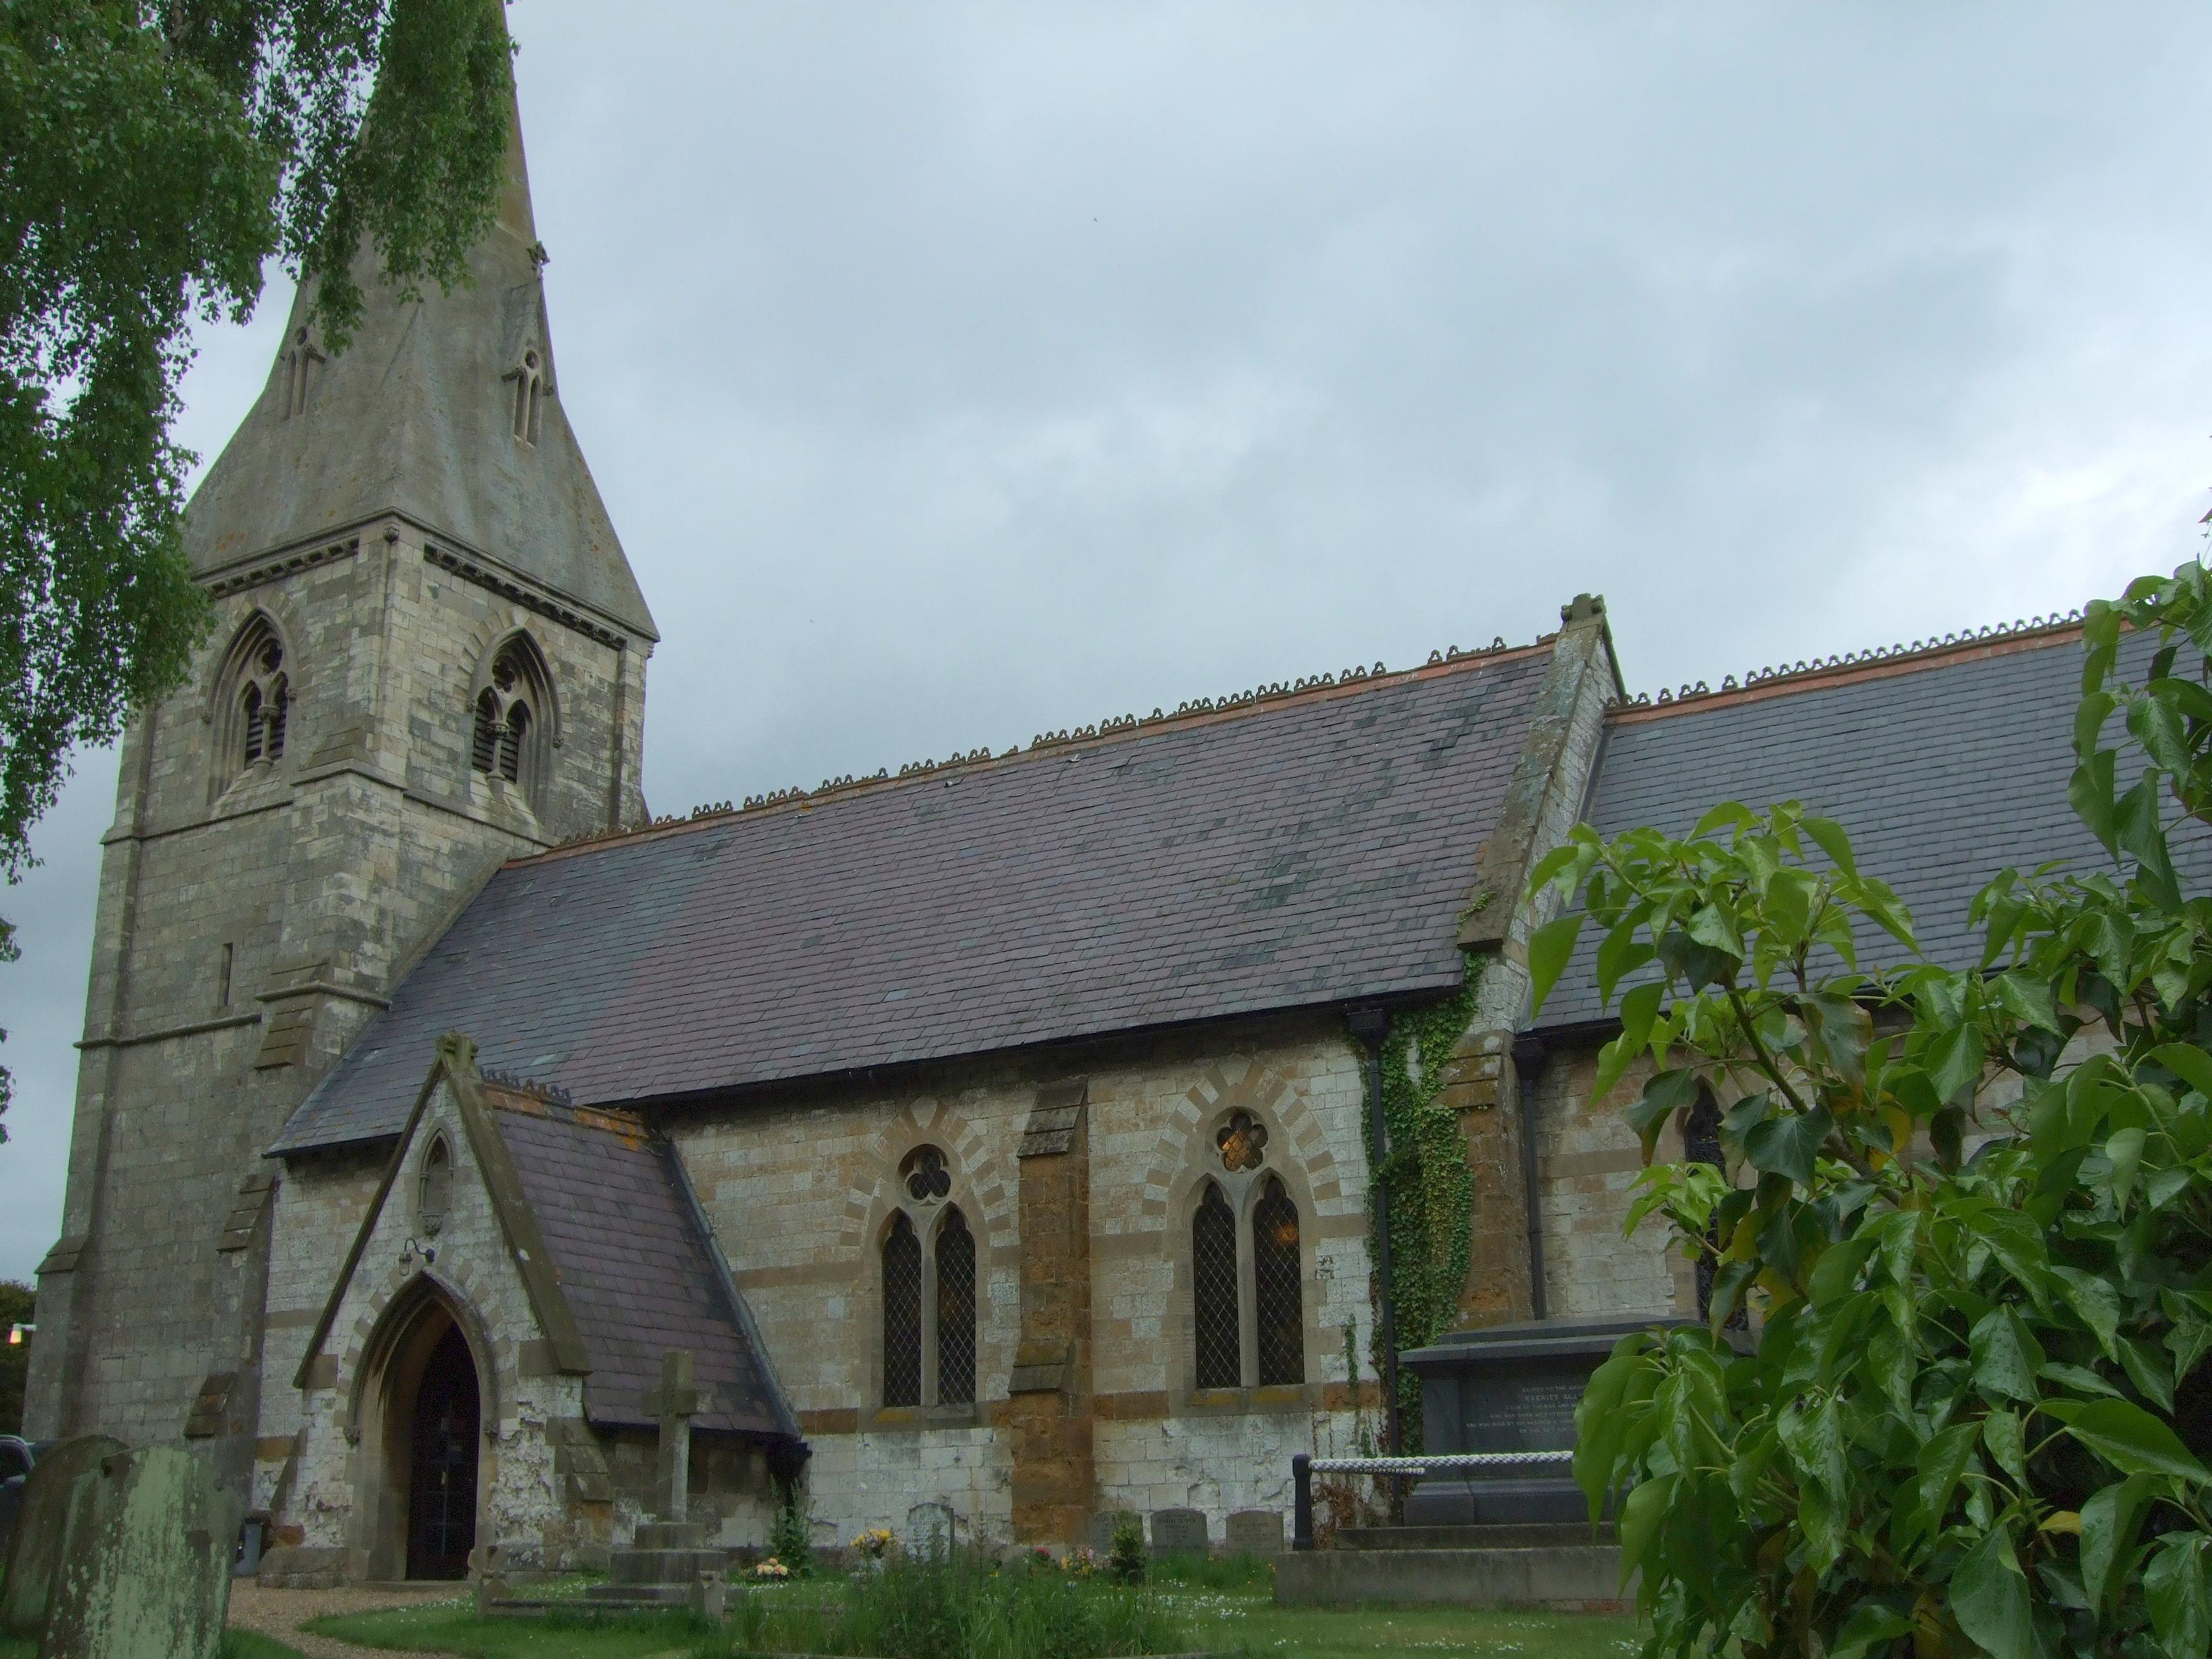 church, no tree